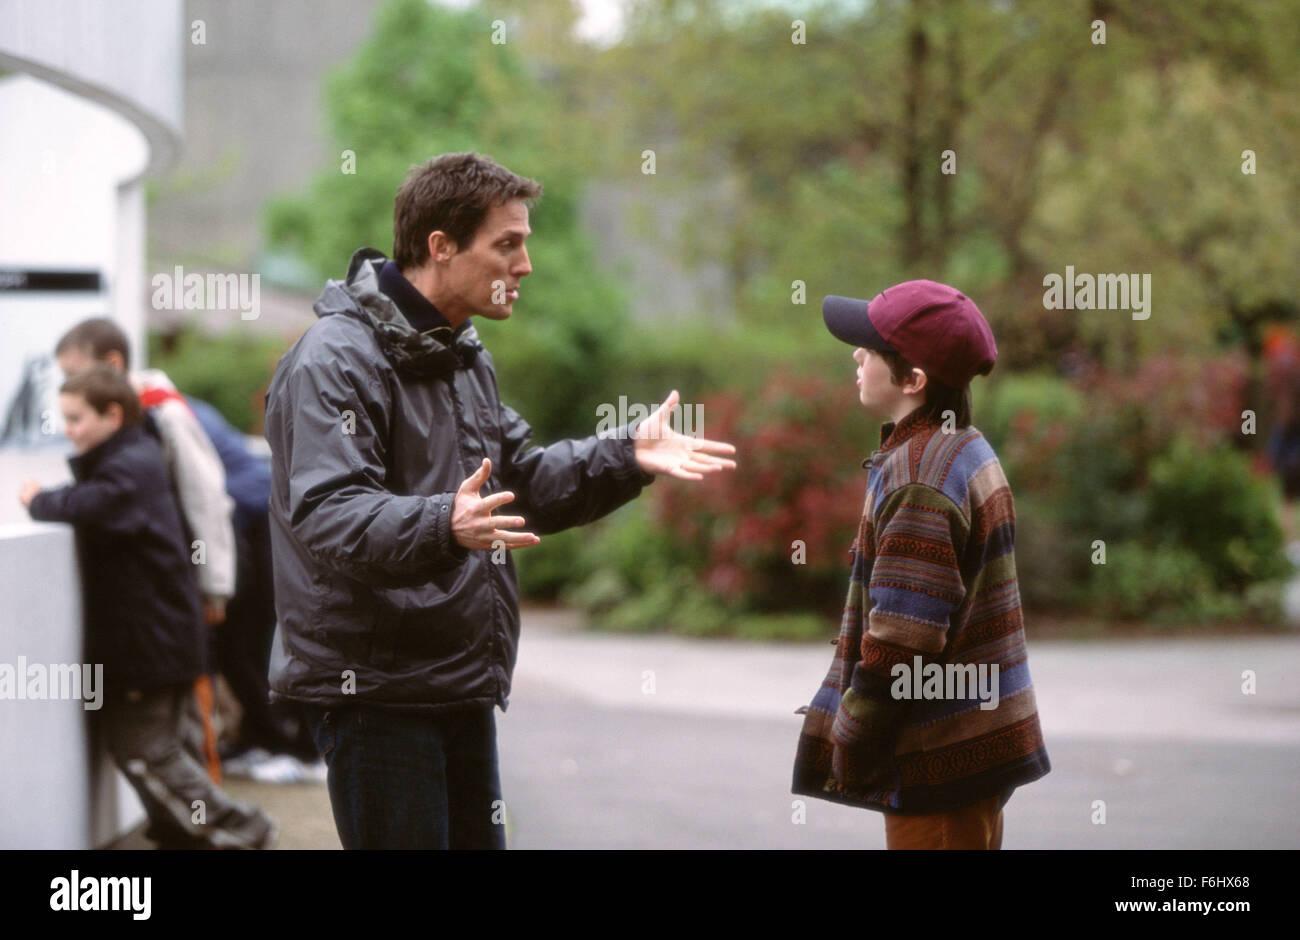 """5. August 2002; London, UK; Schauspieler HUGH GRANT und NICHOLAS HOULT Hauptrollen in """"About A Boy"""" Stockfoto"""